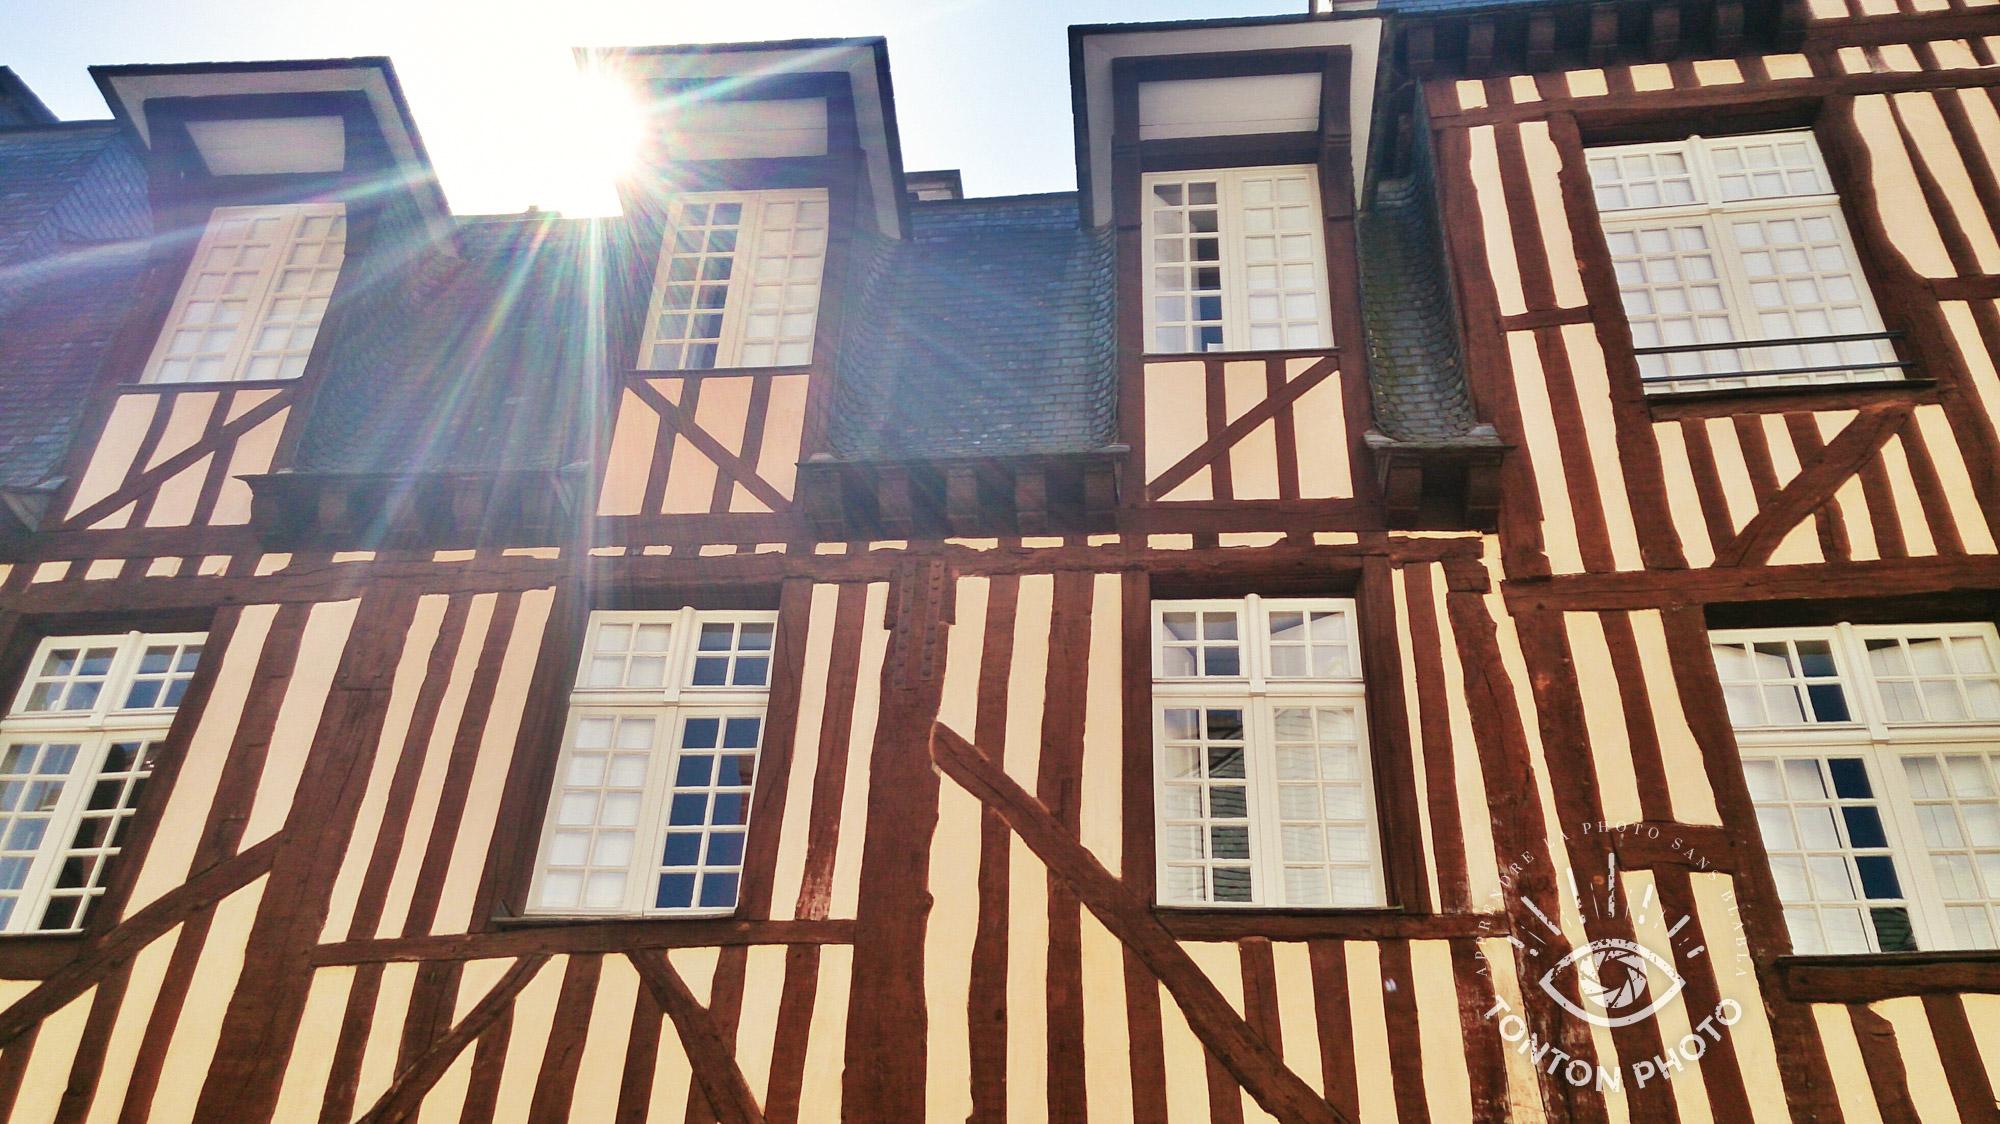 """En cachant partiellement le soleil derrière le bâtiment, j'ai pu capturer les rayons du soleil de manière à dynamiser et """"réchauffer"""" l'ambiance de la photo. Photo prise avec un smartphone tout automatique, sur lequel l'ouverture est fixe. Cela n'empêche pas de s'amuser avec les rayons du soleil ! Rennes, Bretagne. © Tonton Photo"""